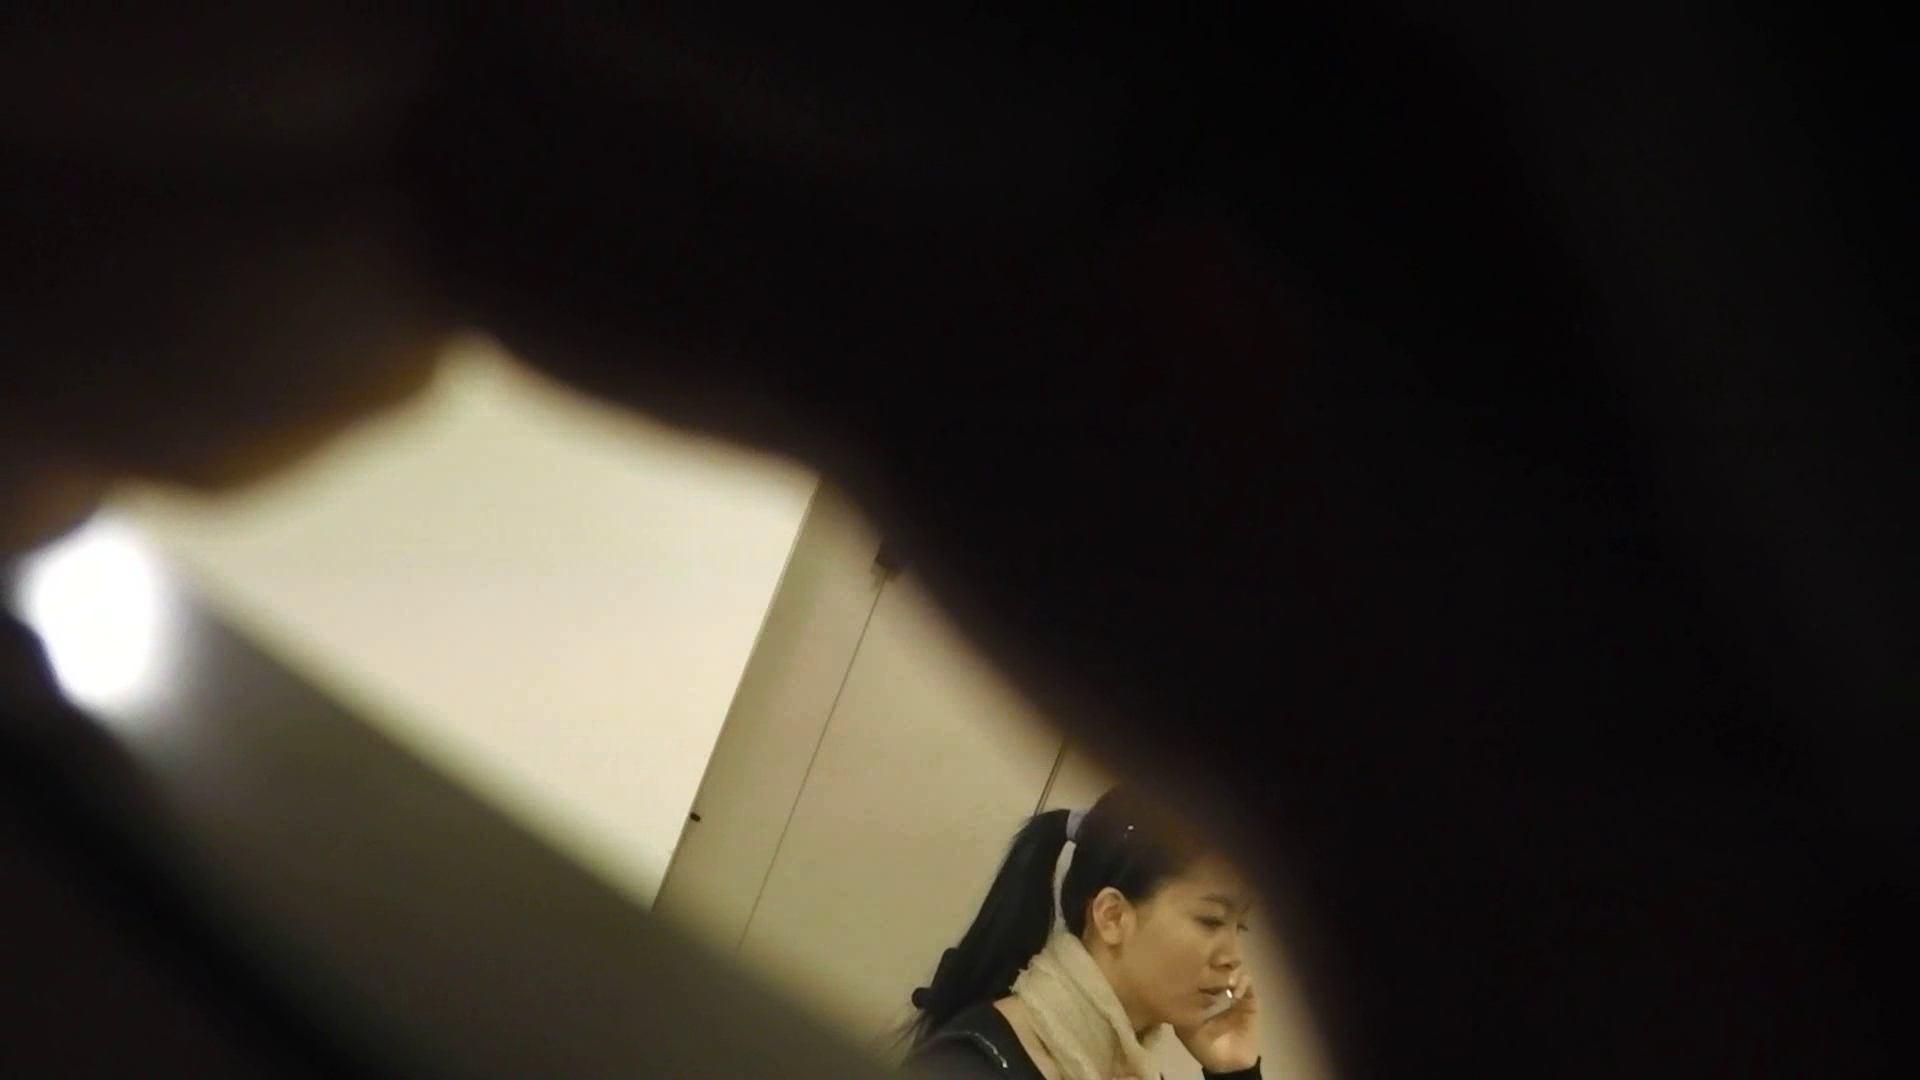 エロ動画:世界の射窓から vol.42 可愛い顔して実は惨事な件:怪盗ジョーカー